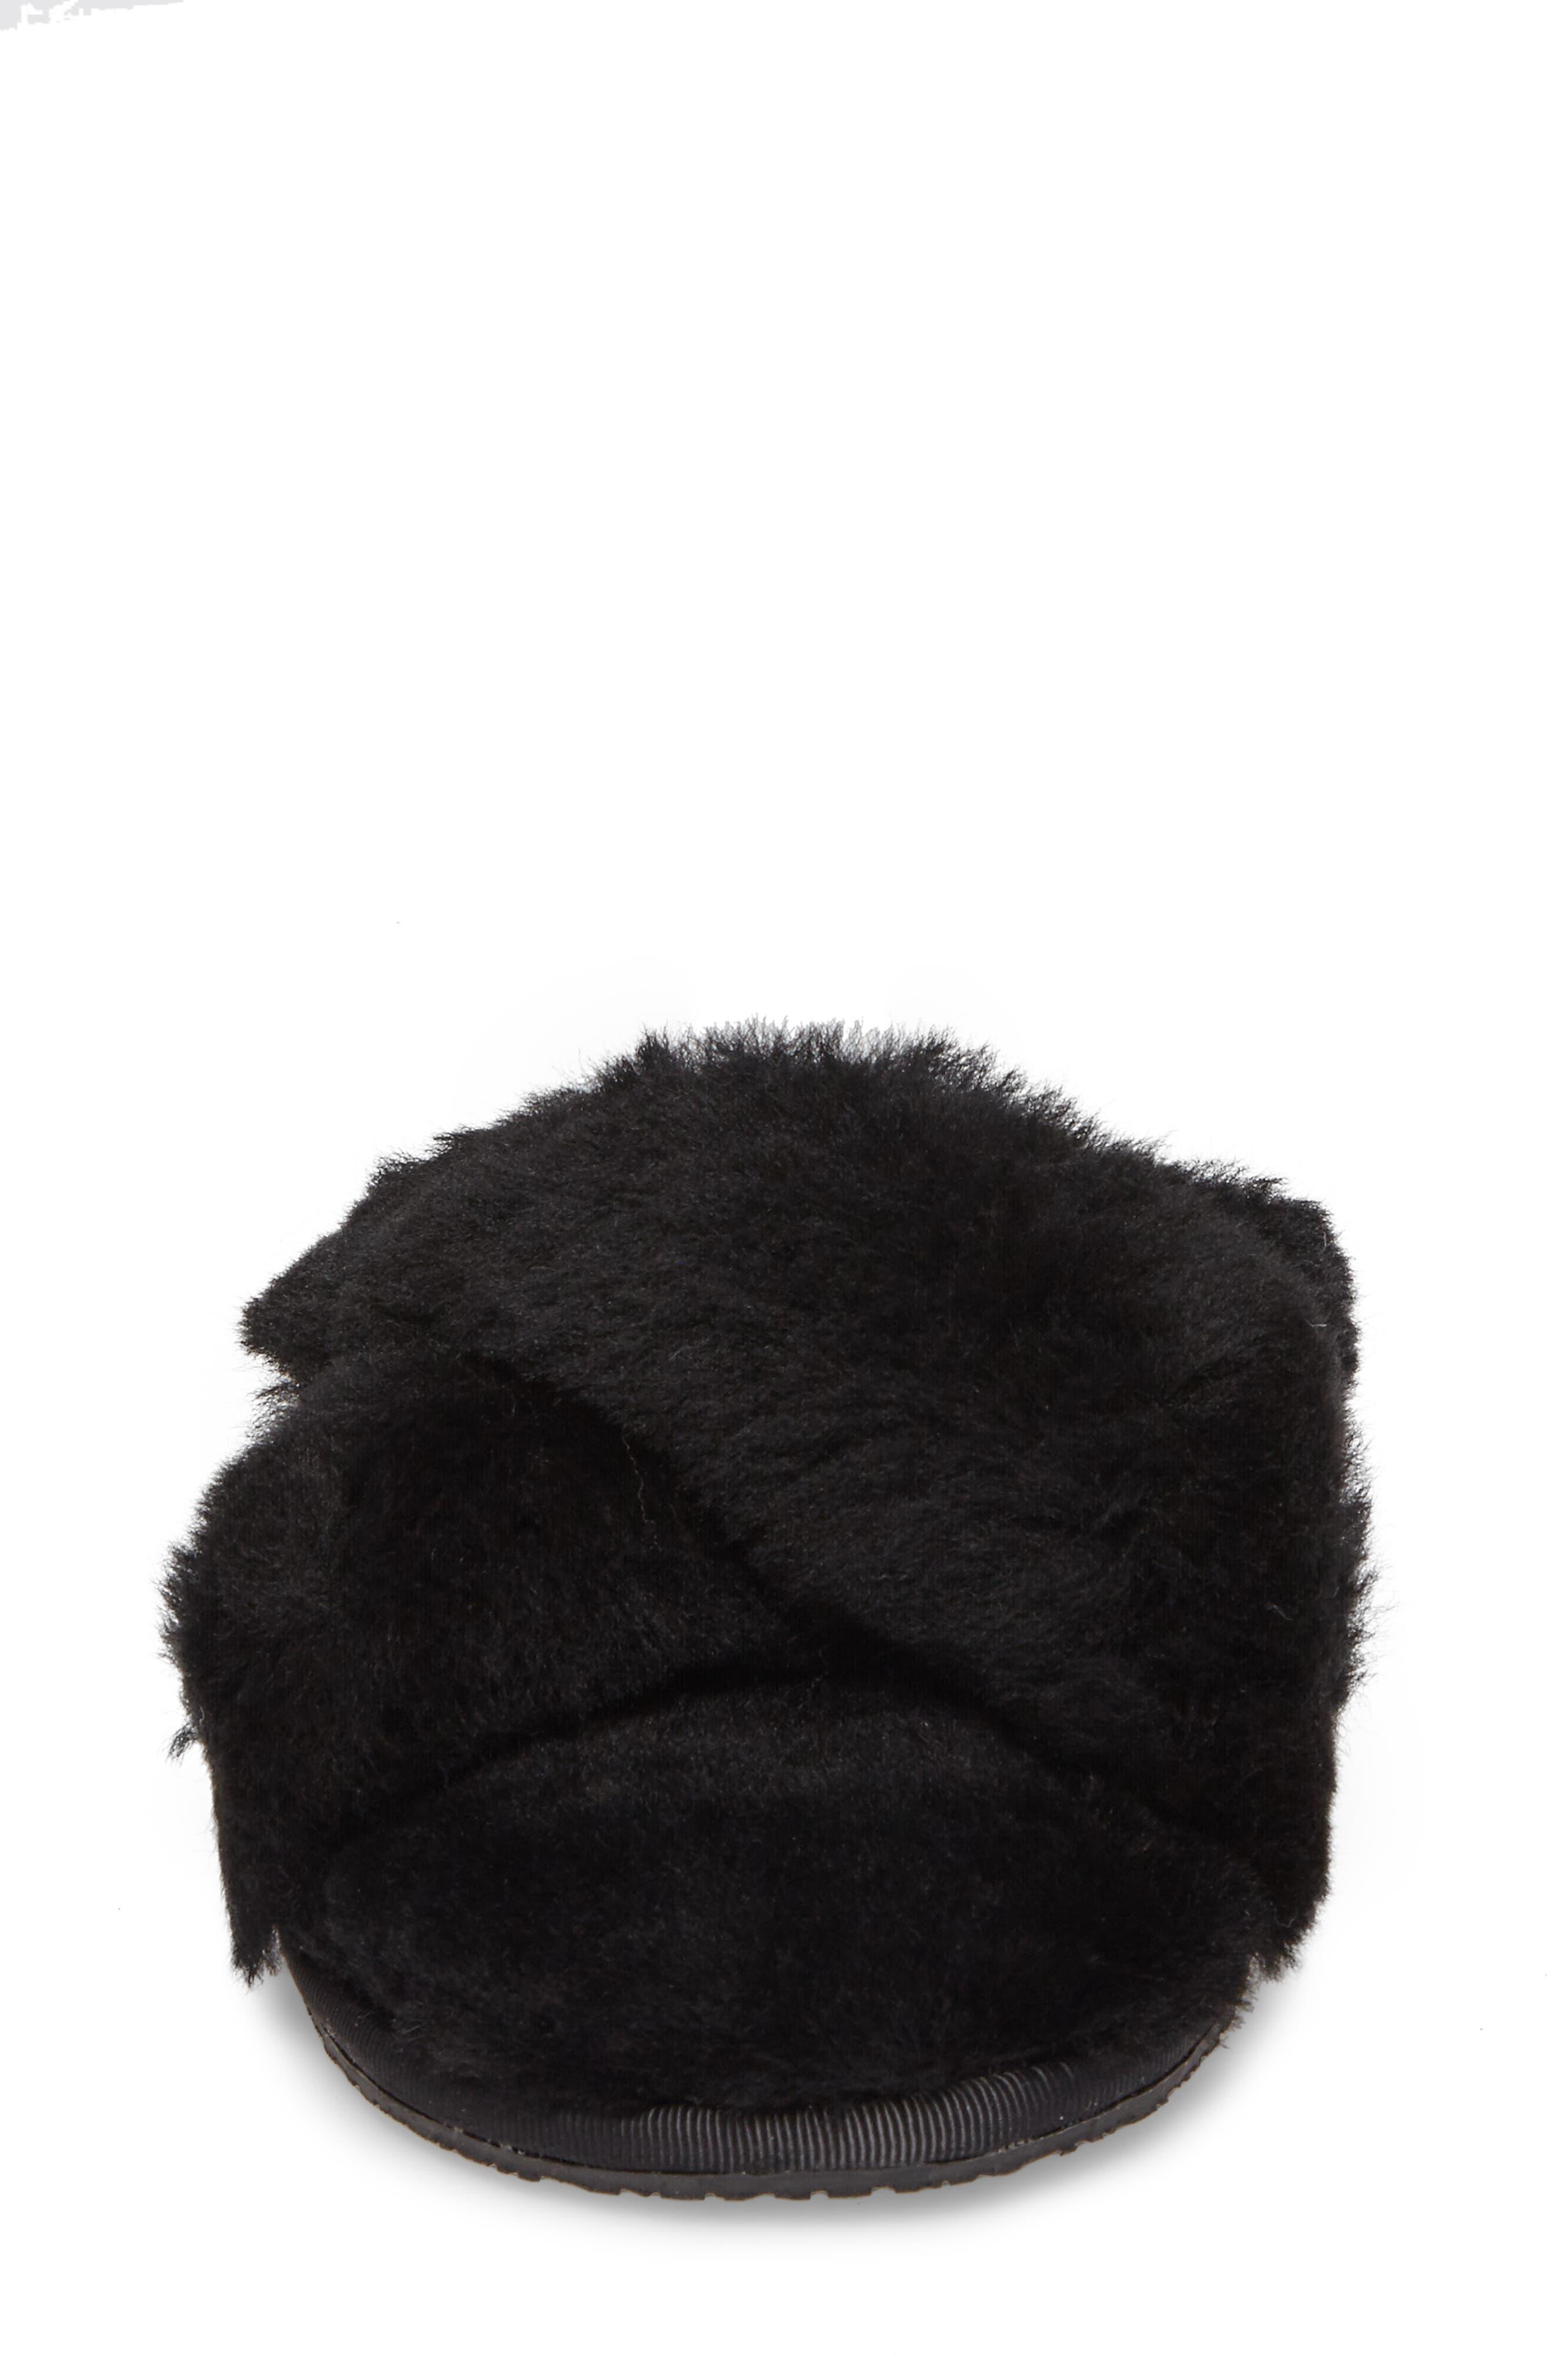 Mt. Hood Genuine Shearling Slipper,                             Alternate thumbnail 4, color,                             BLACK